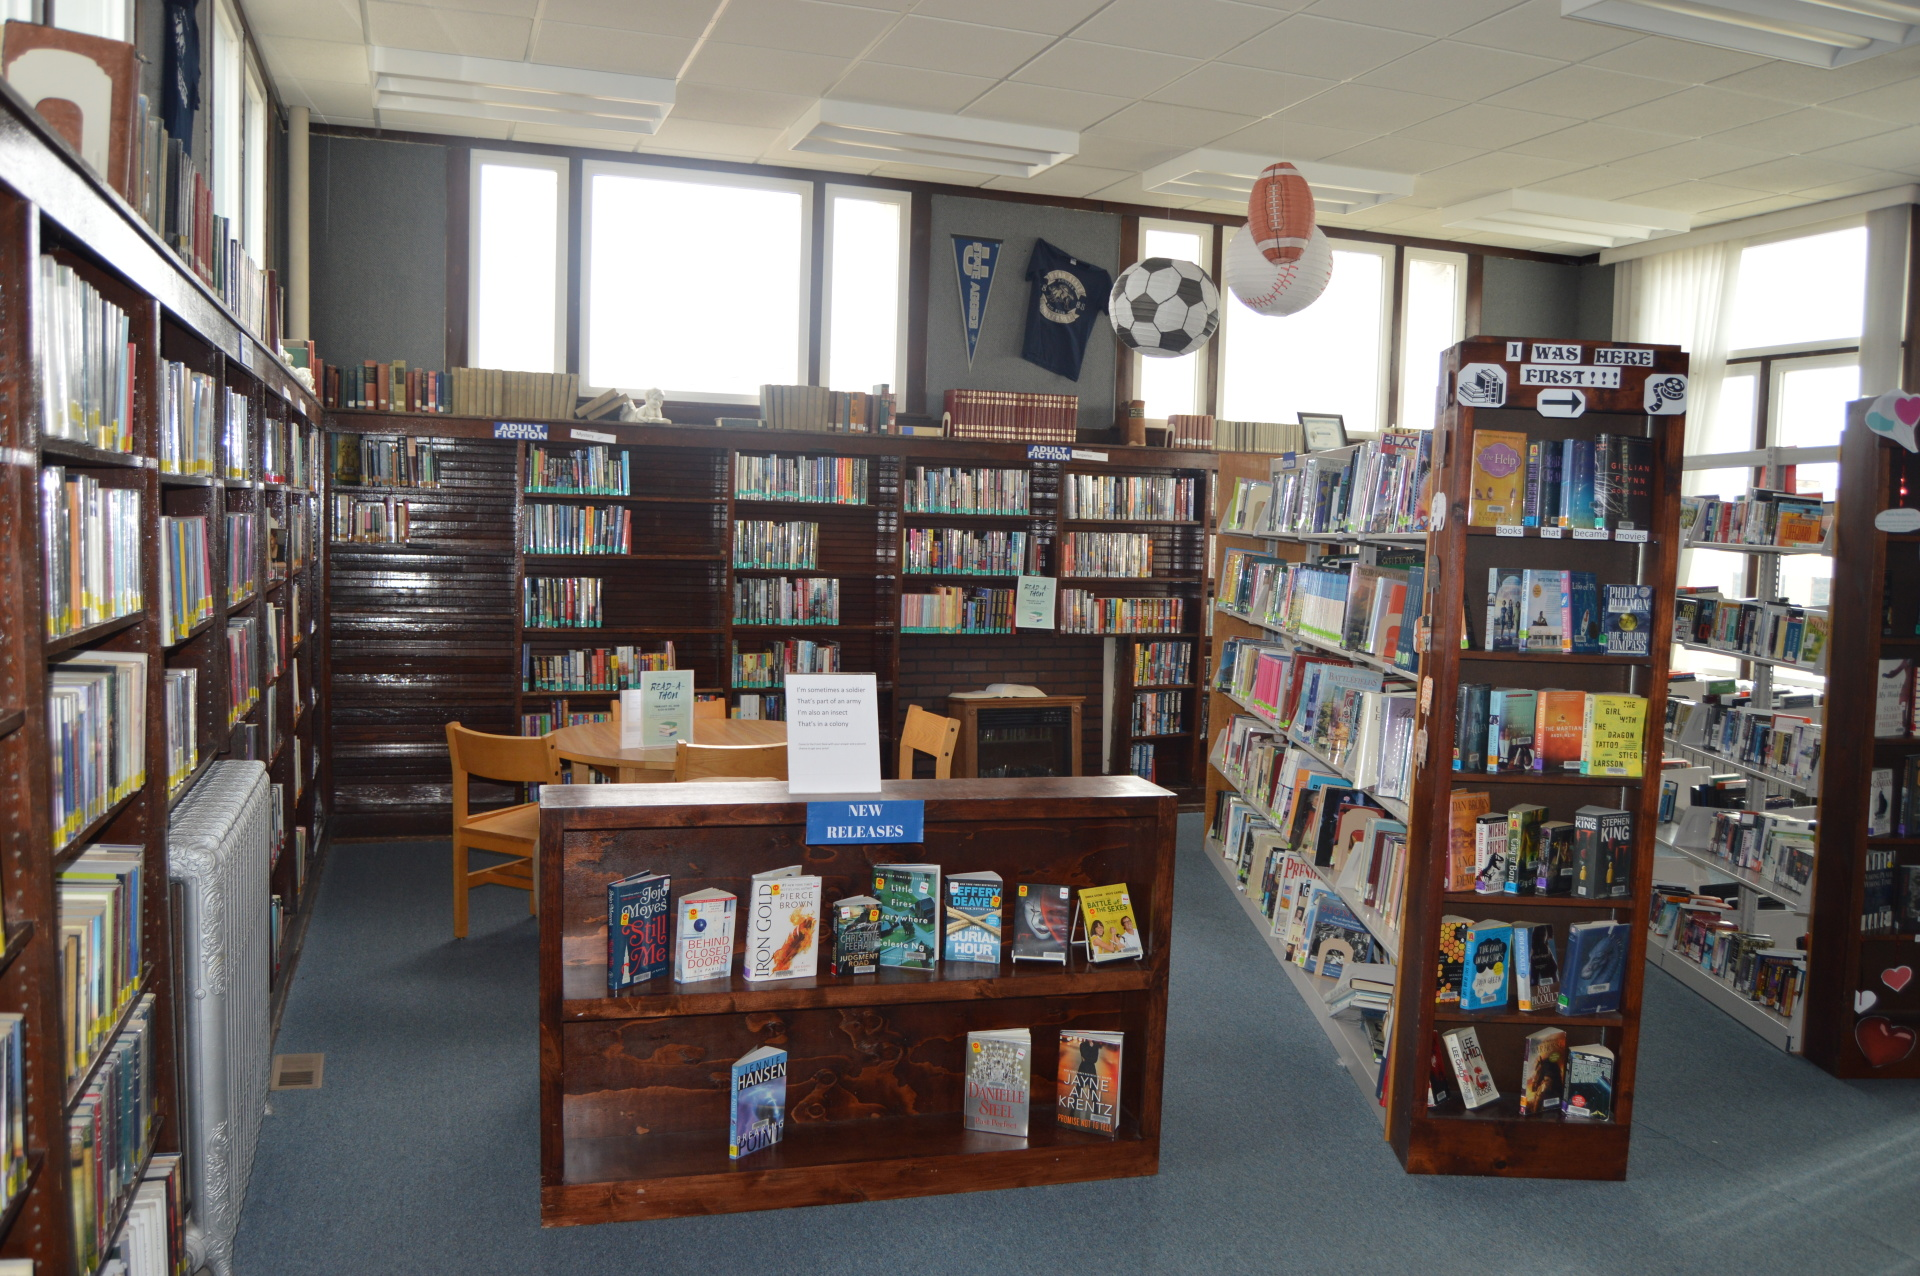 Adult Fiction & Non Fiction Section